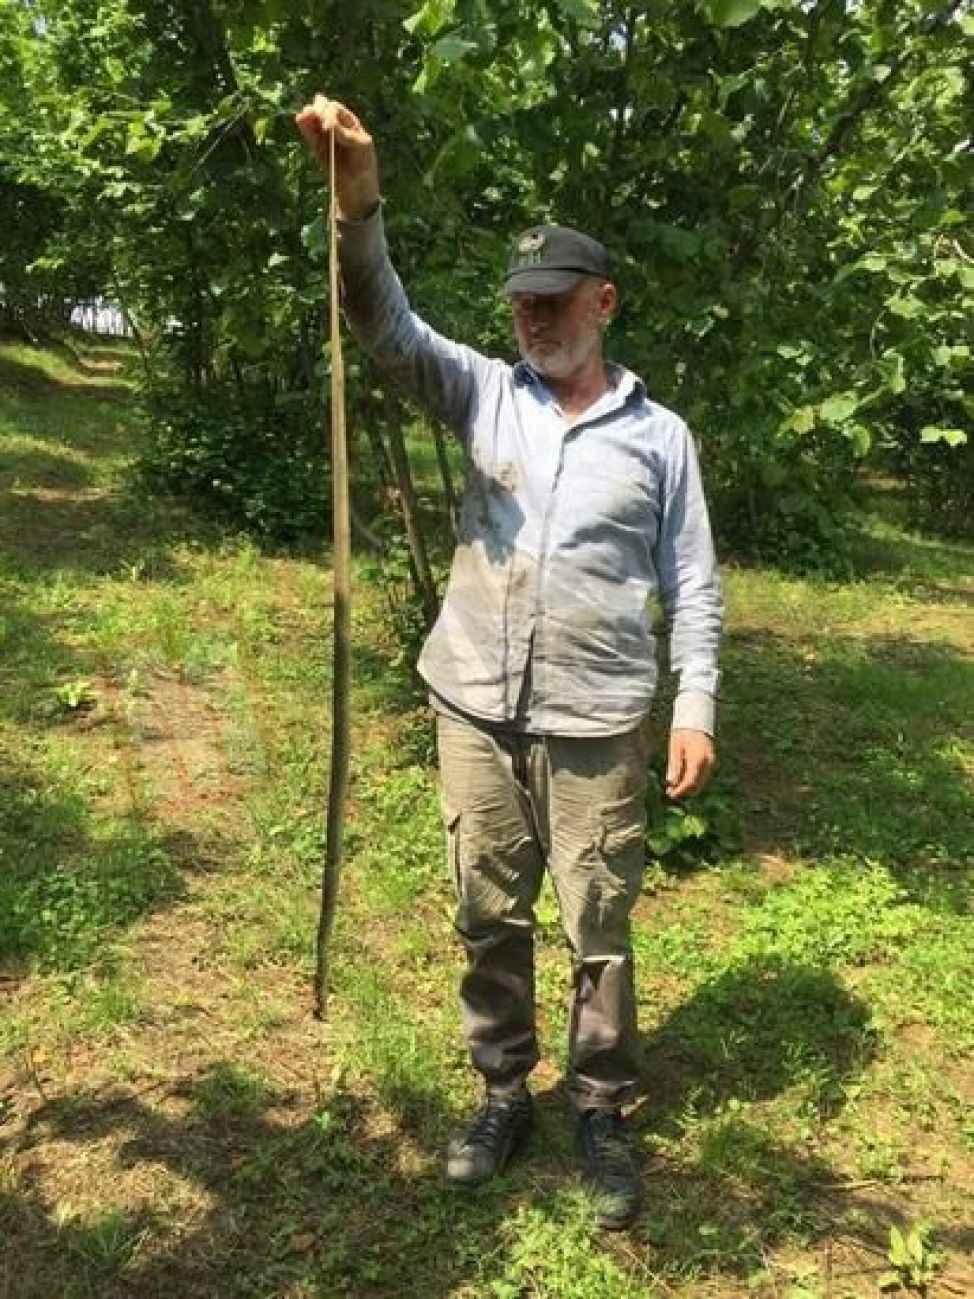 Fındık tarlasında boyu kadar yılan yakaladı